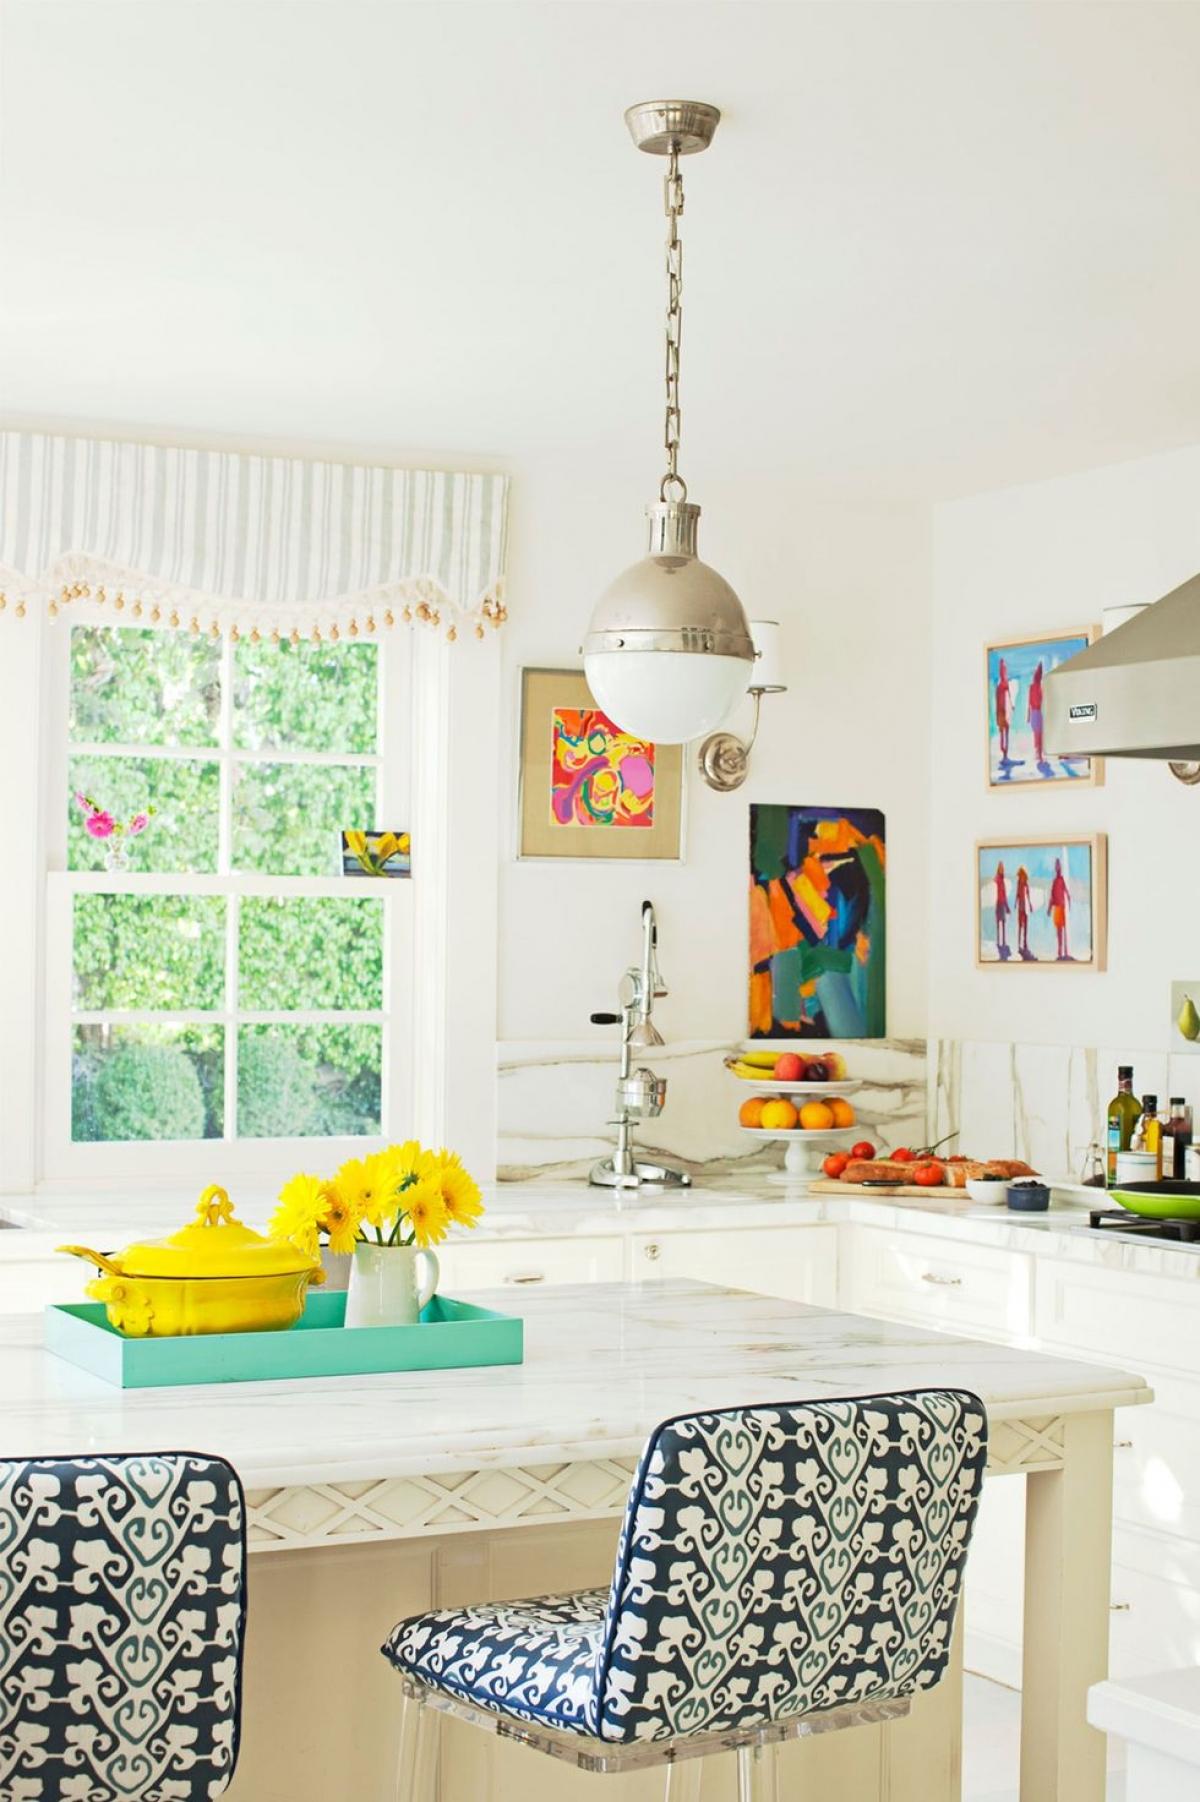 Hoạ tiết: Đặc trưng của mùa hè là sự vui tươi, rực rỡ bởi vậy bạn có thể nhấn nhá hoạ tiết vào trong căn nhà: chiếc ghế có hoạ tiết độc đáo, tranh treo tường, các món đồ trong bếp có màu sắc nổi bật...